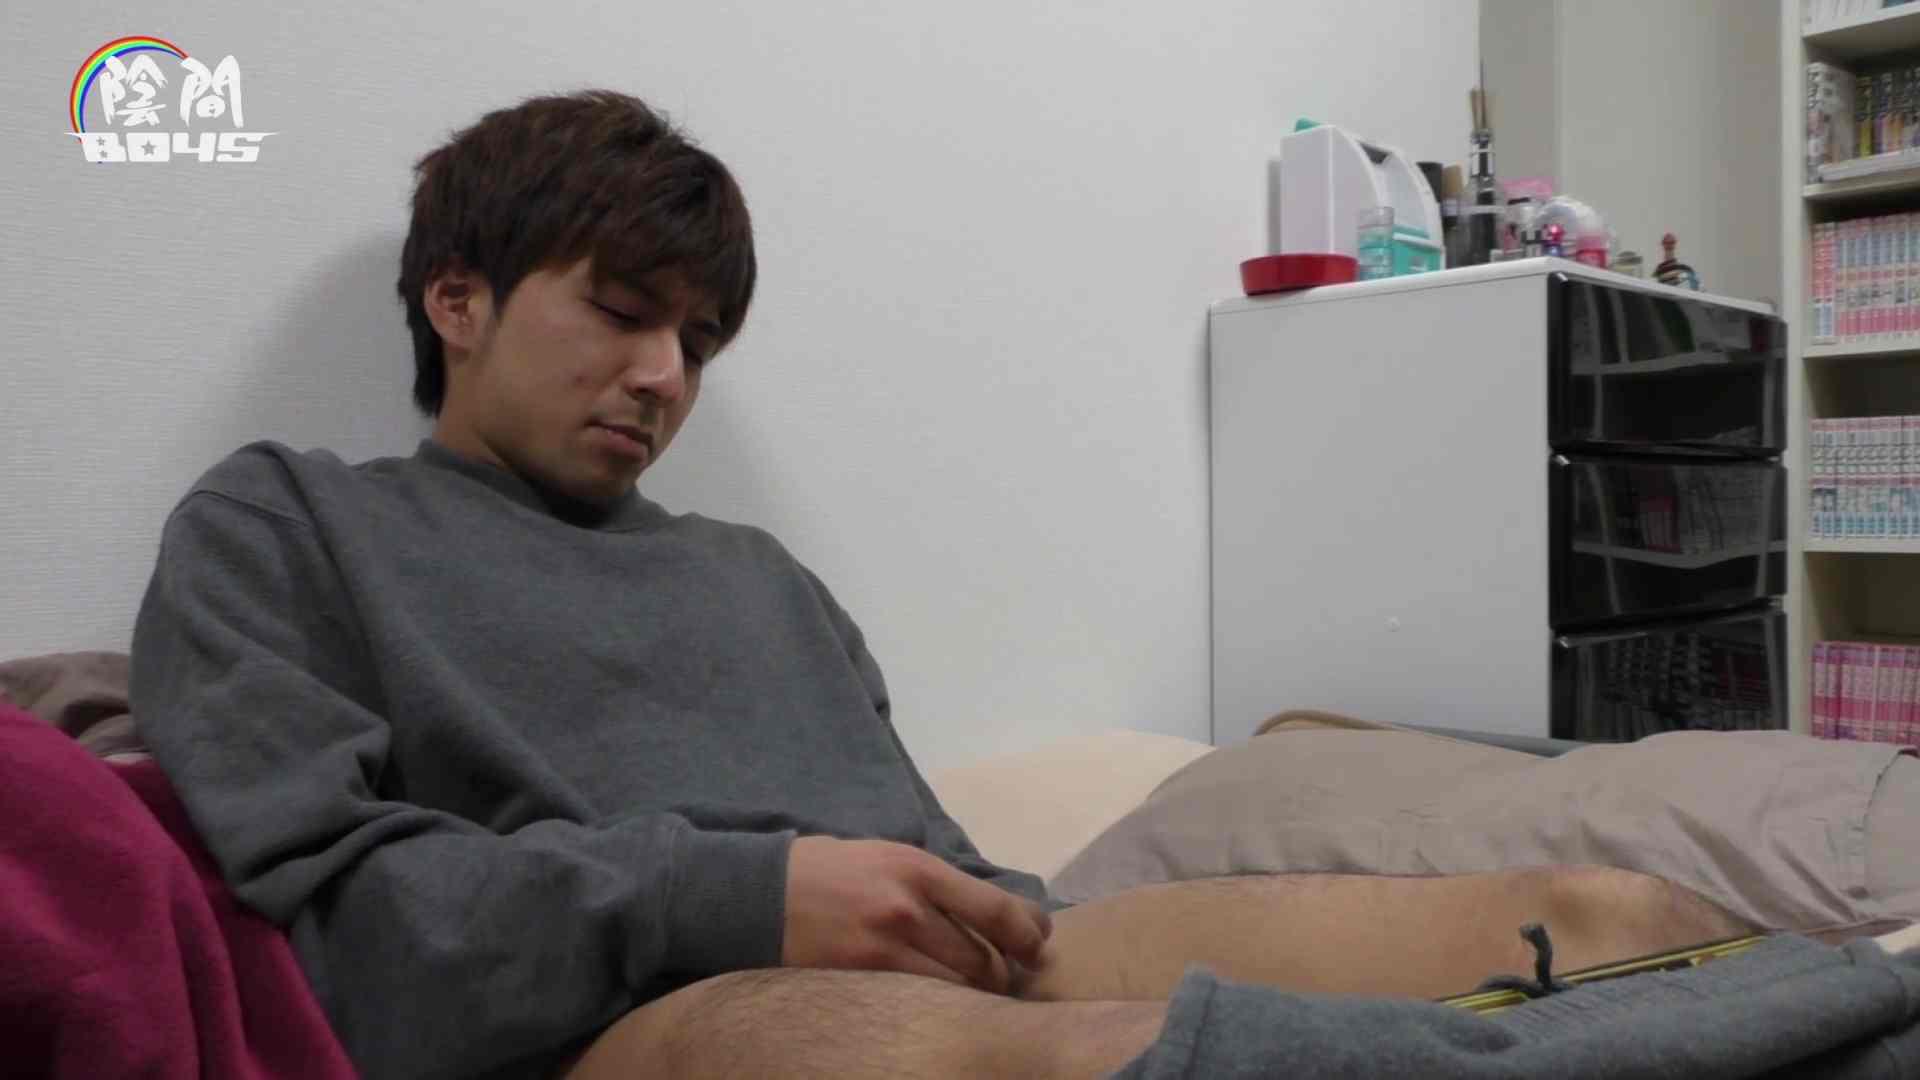 アナルは決して眠らない No.01 イメージ(裸)   アナル舐め ゲイエロ画像 14連発 2